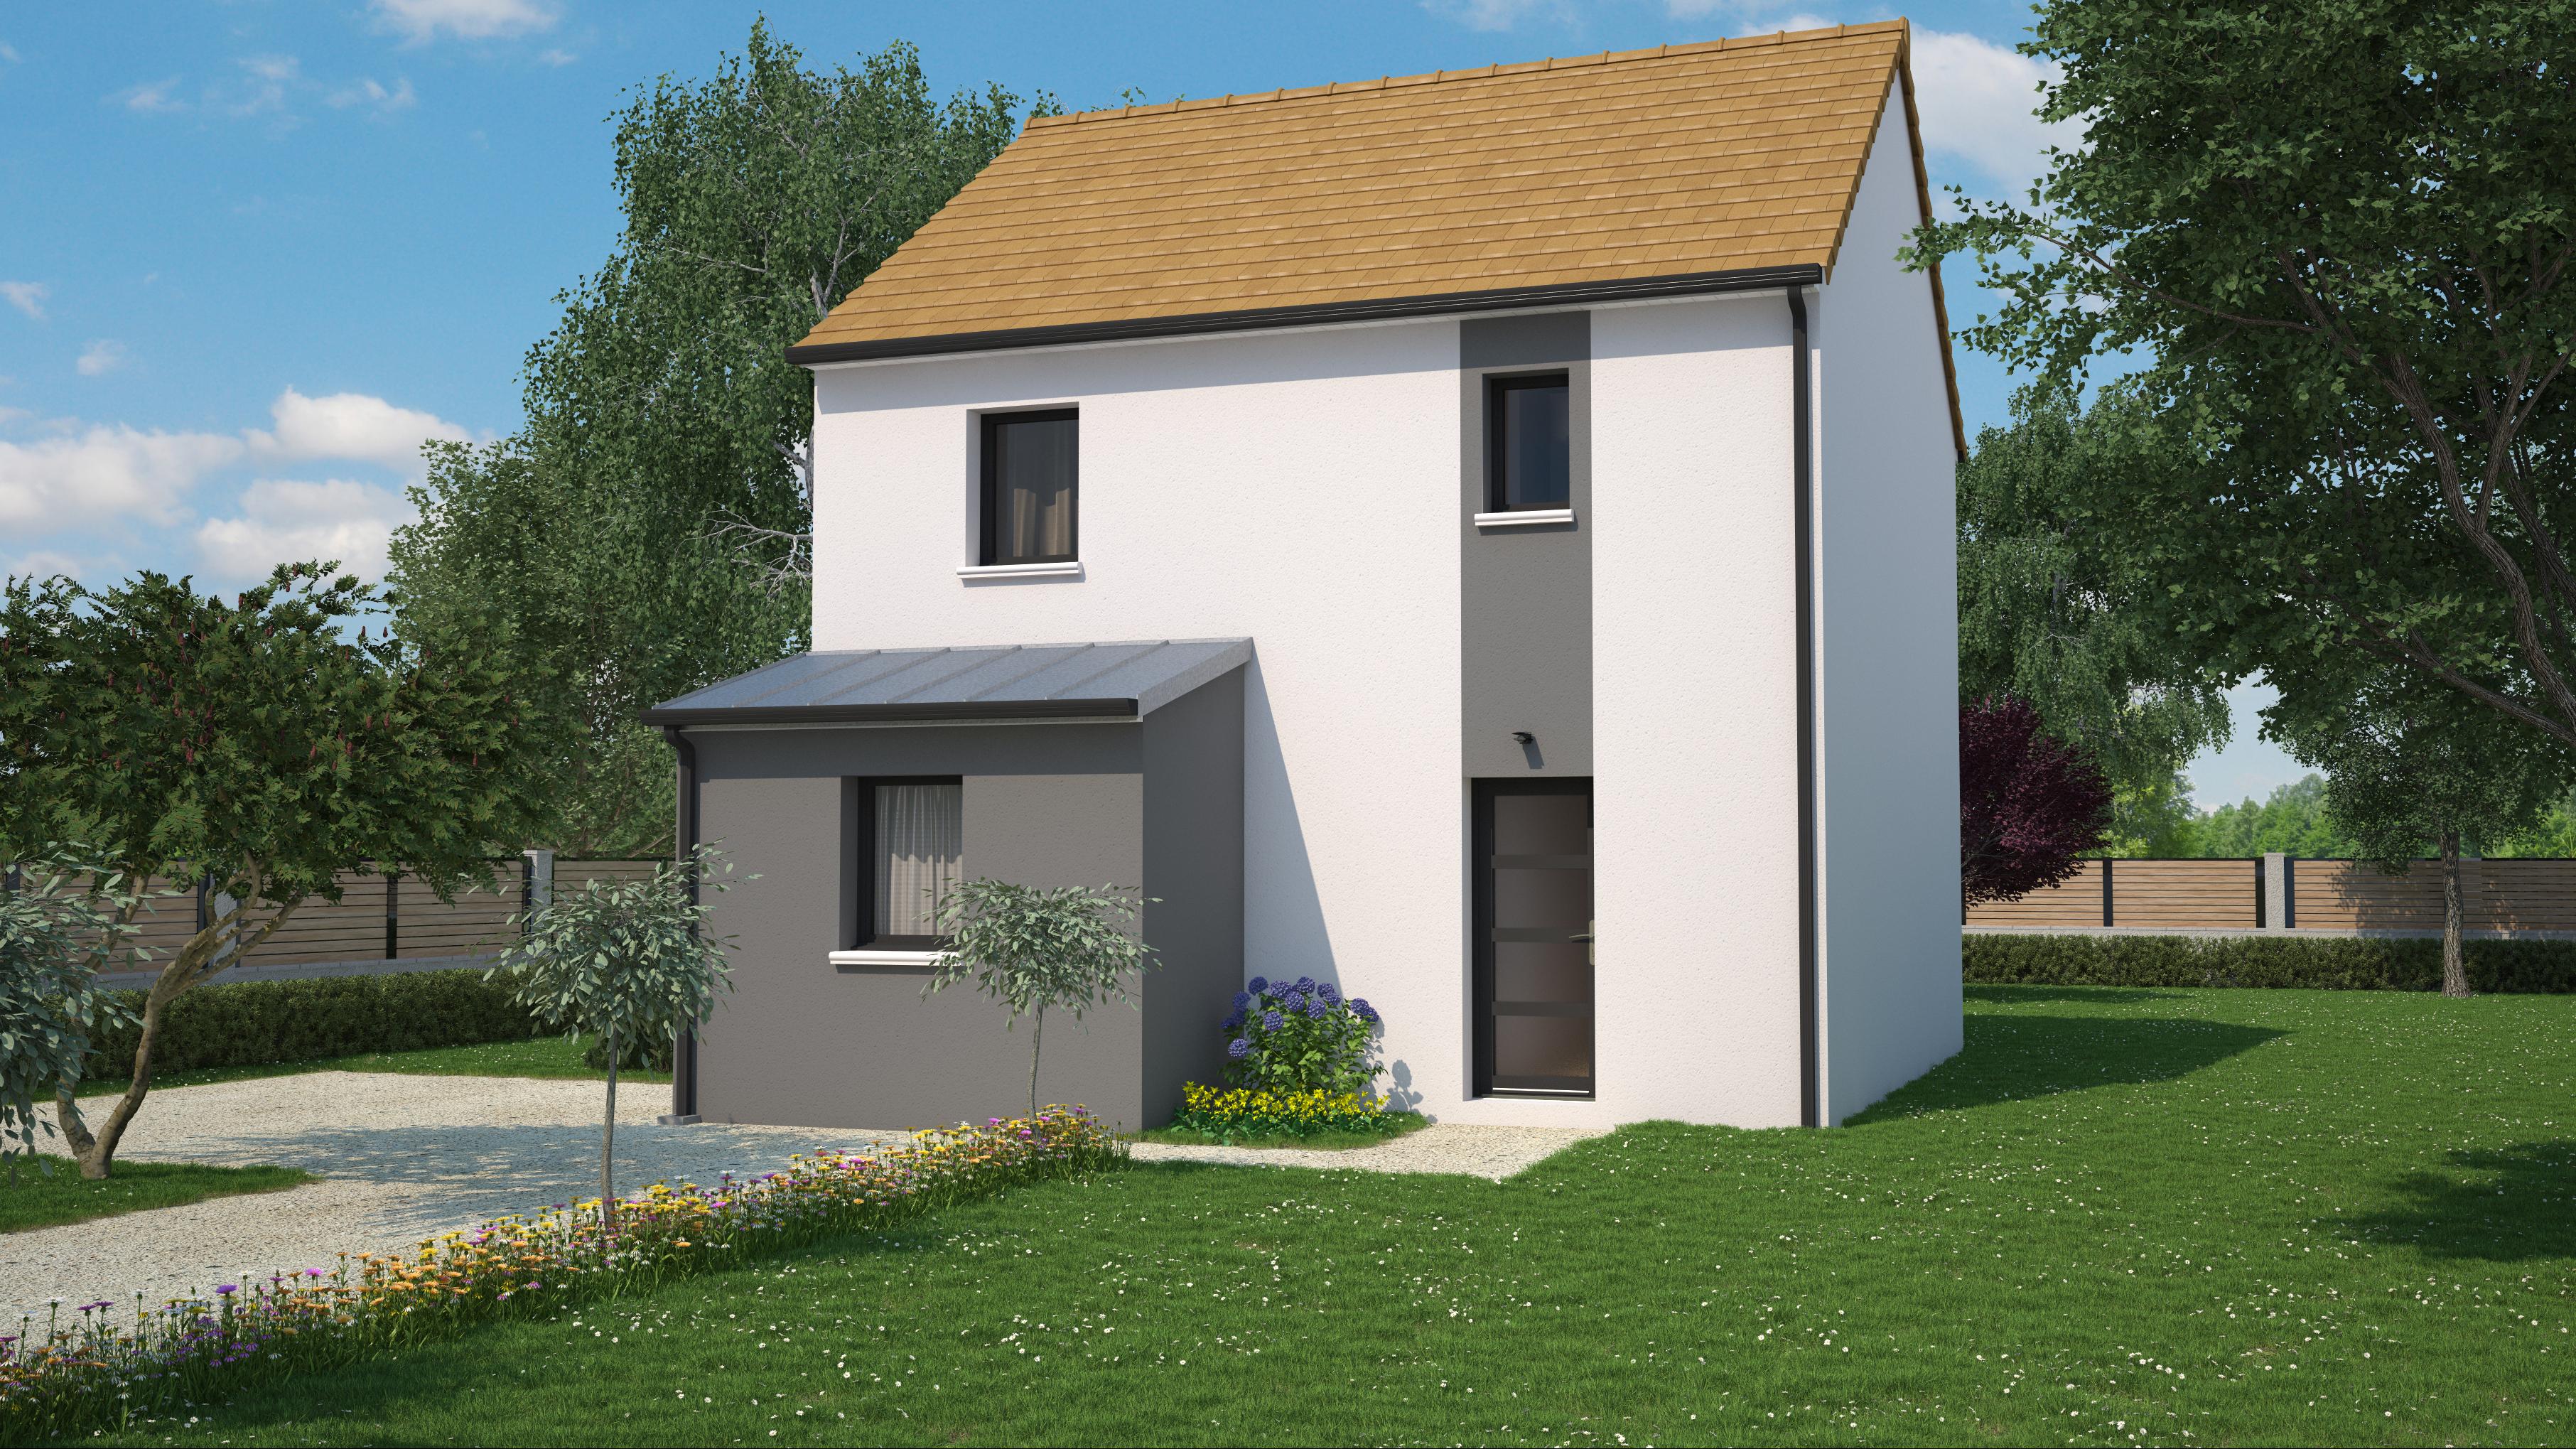 Maison 4 chambres de 87 m²